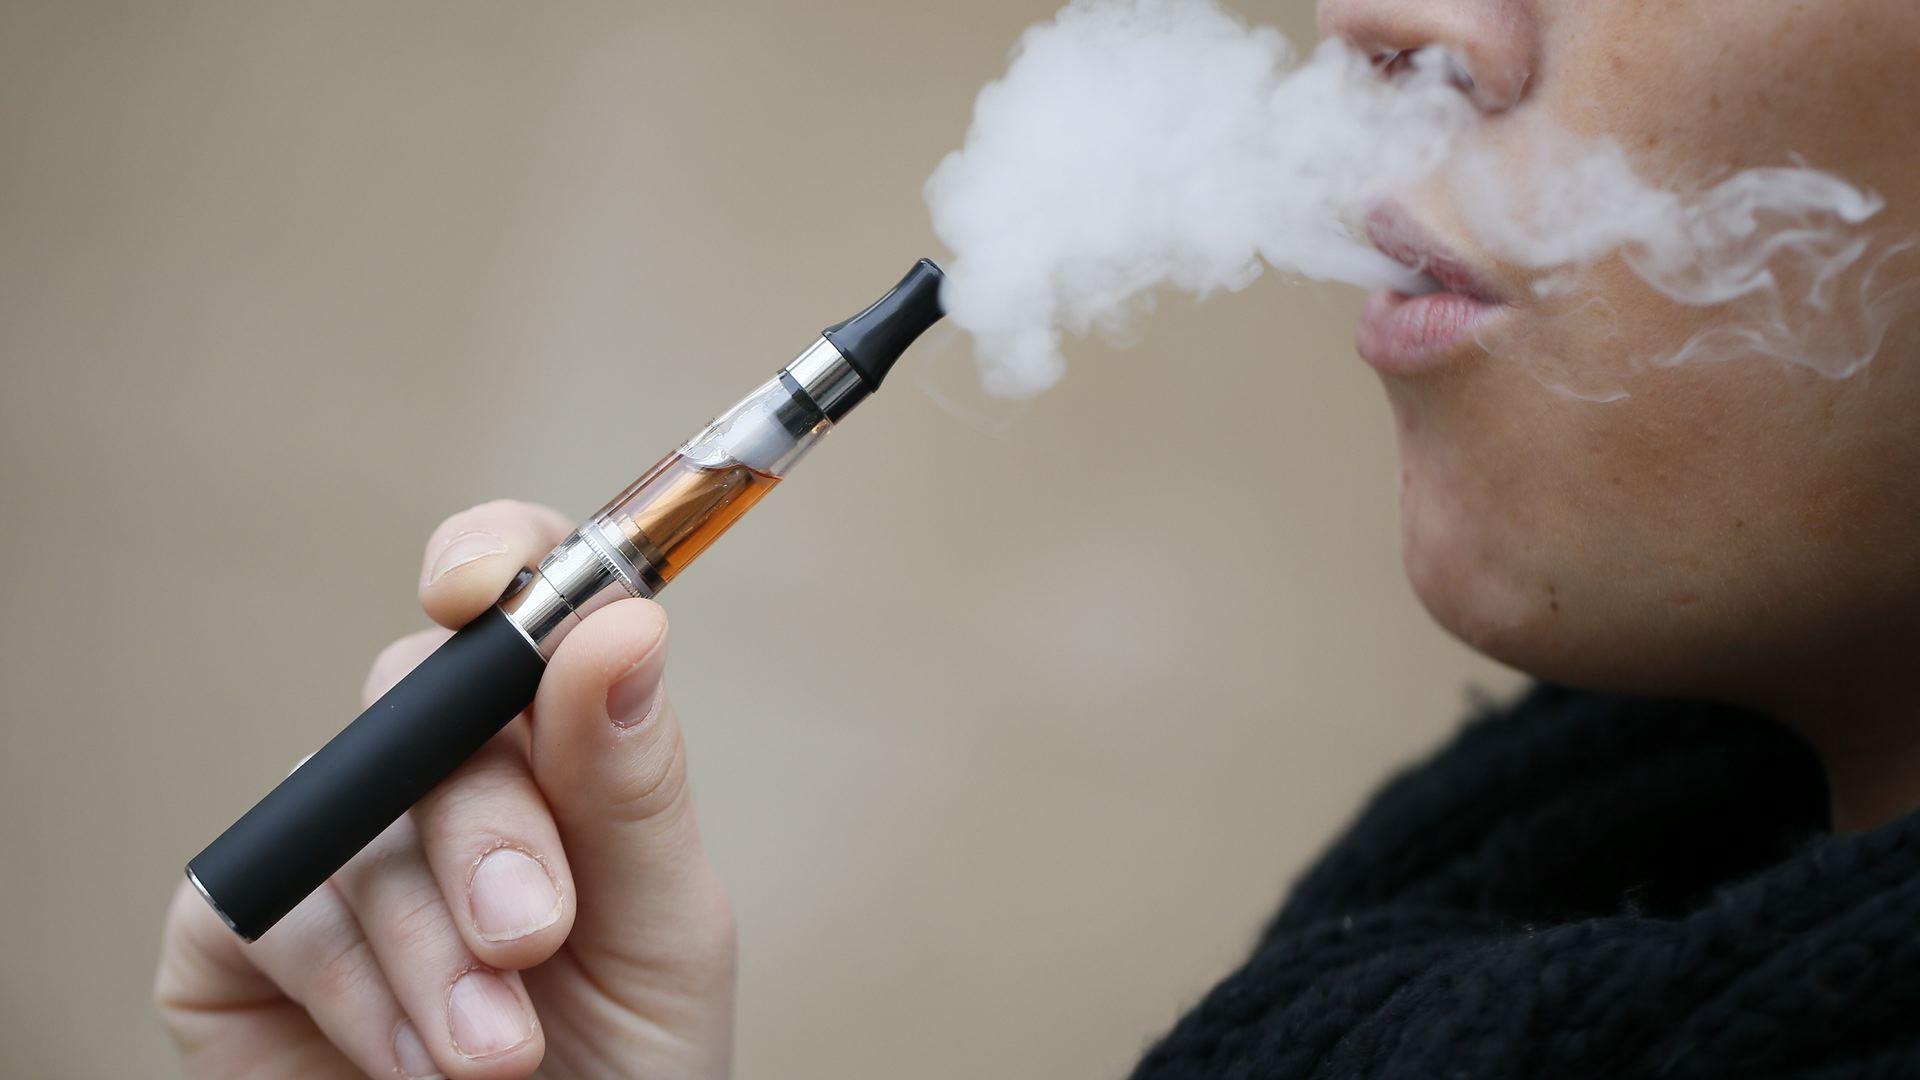 E-cigarettes Popcorn Lung Disease